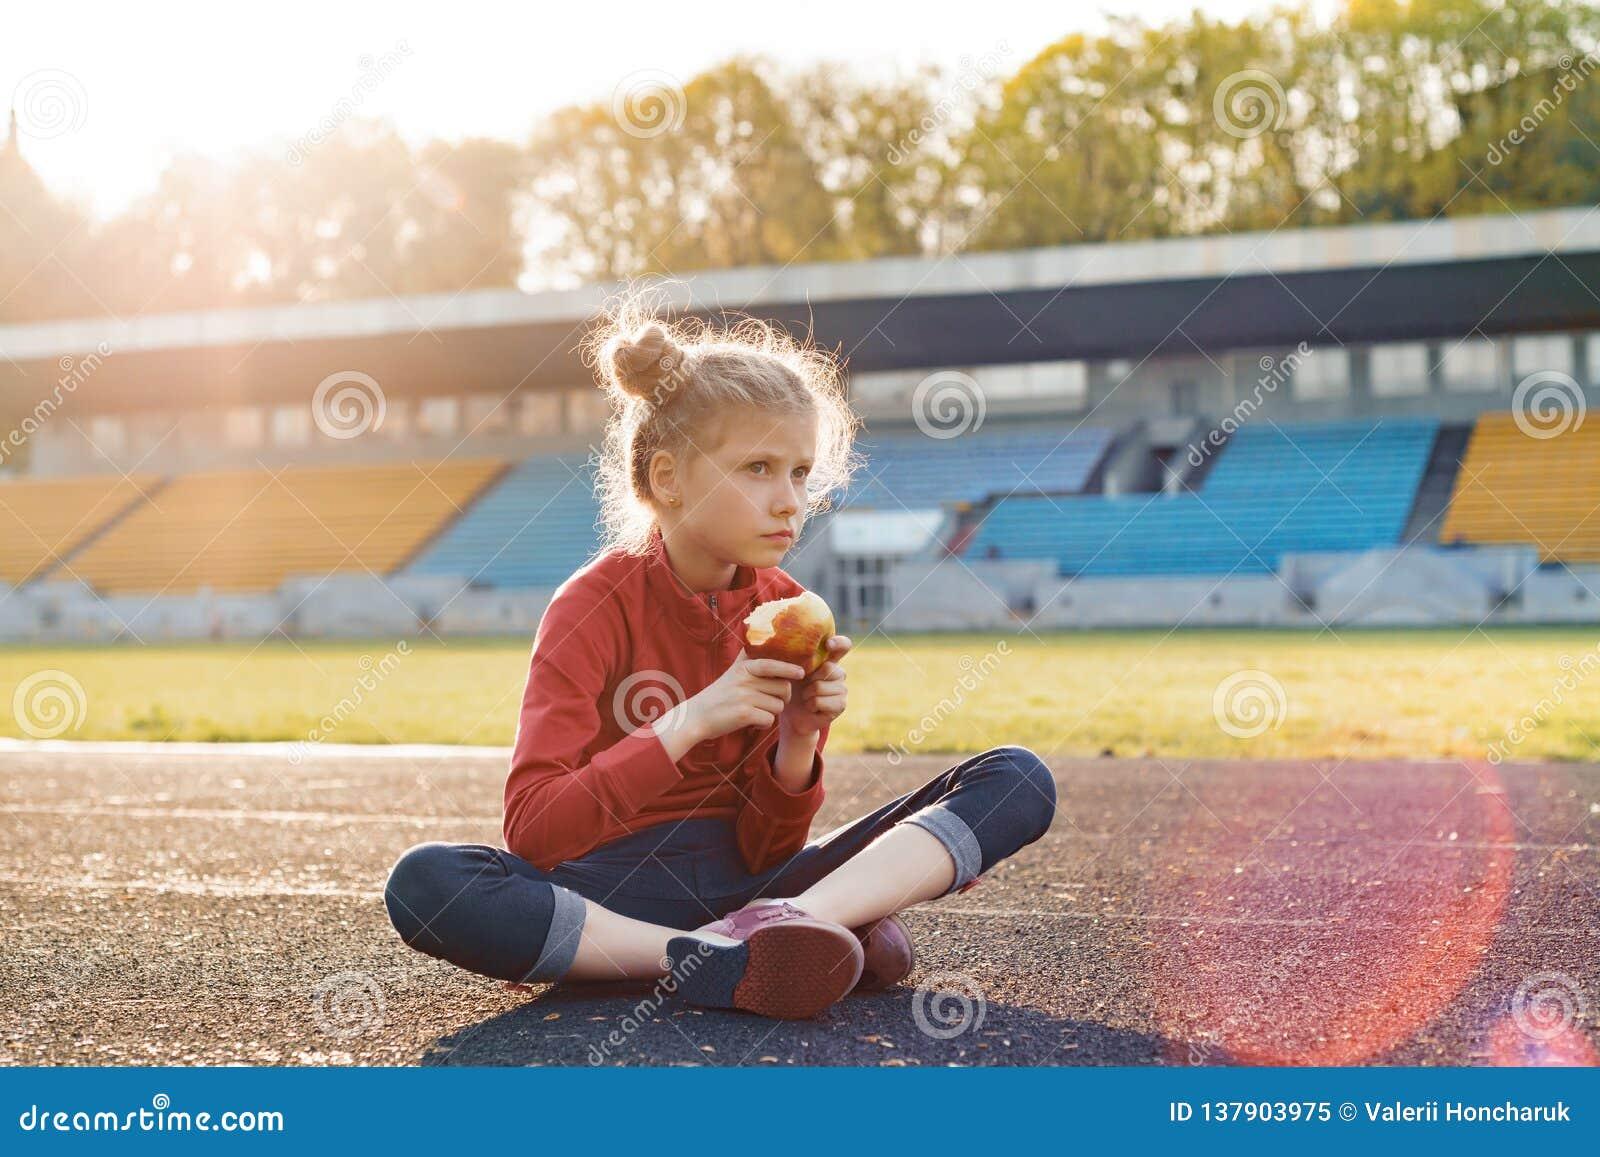 Gezonde levensstijl en gezond voedselconcept Weinig mooi meisjeskind die in sportkleding appelzitting op stadion daarna eten